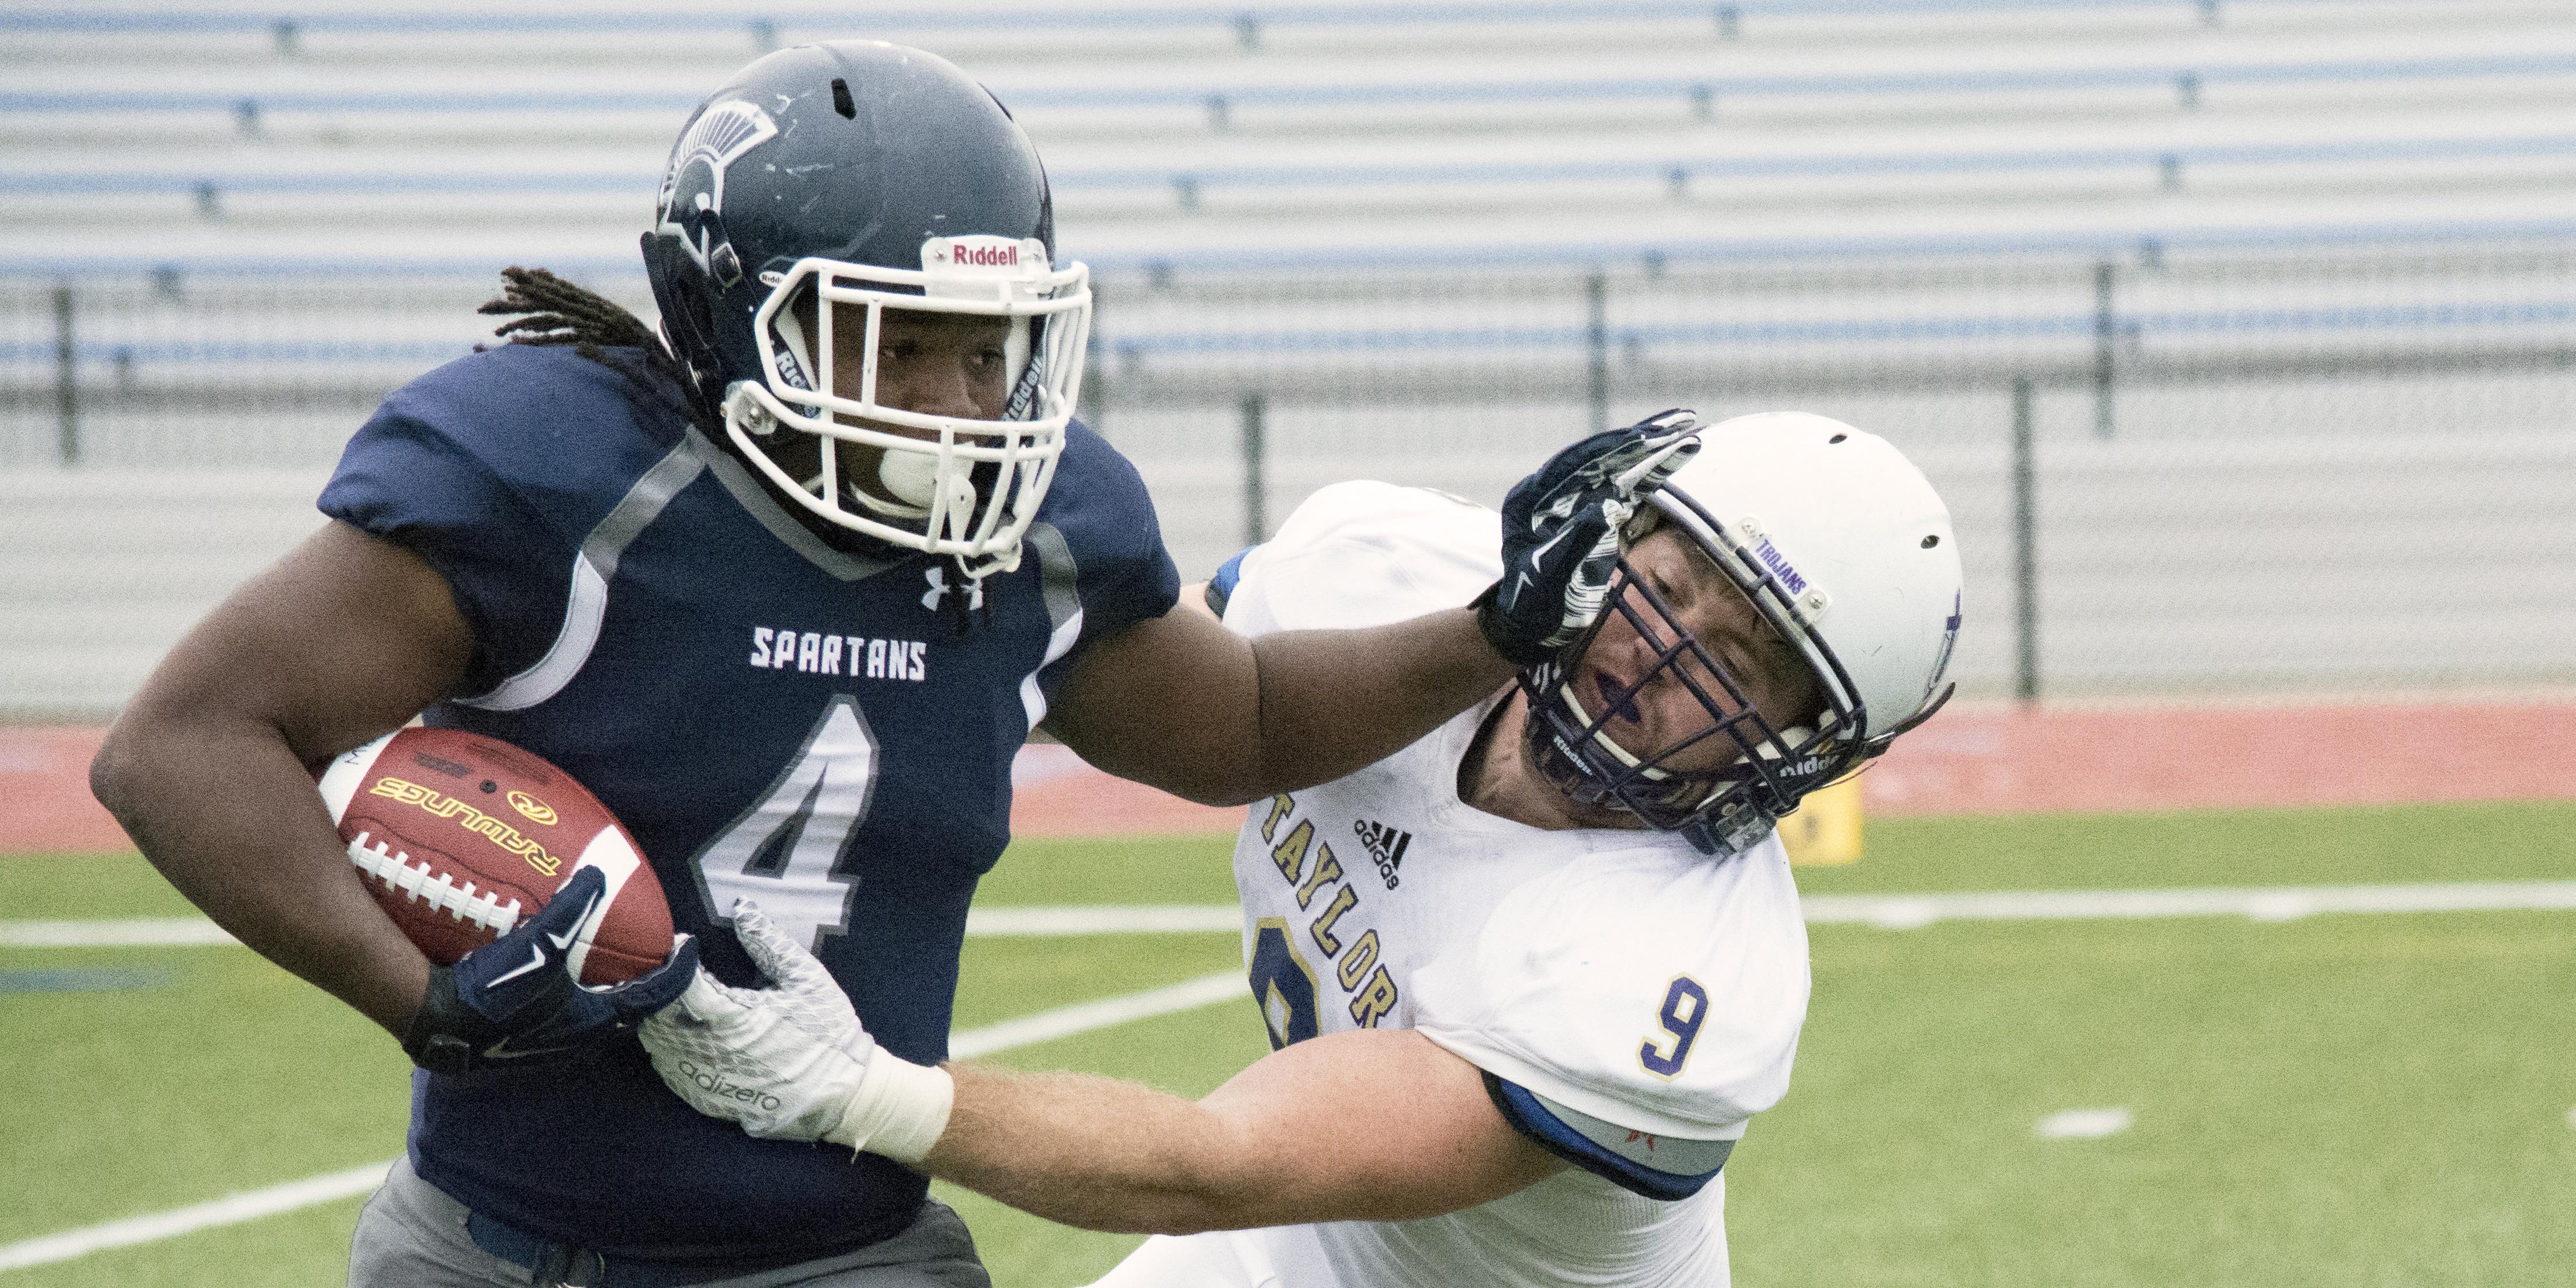 Antoryio Barton stiff-arms the Taylor defender.